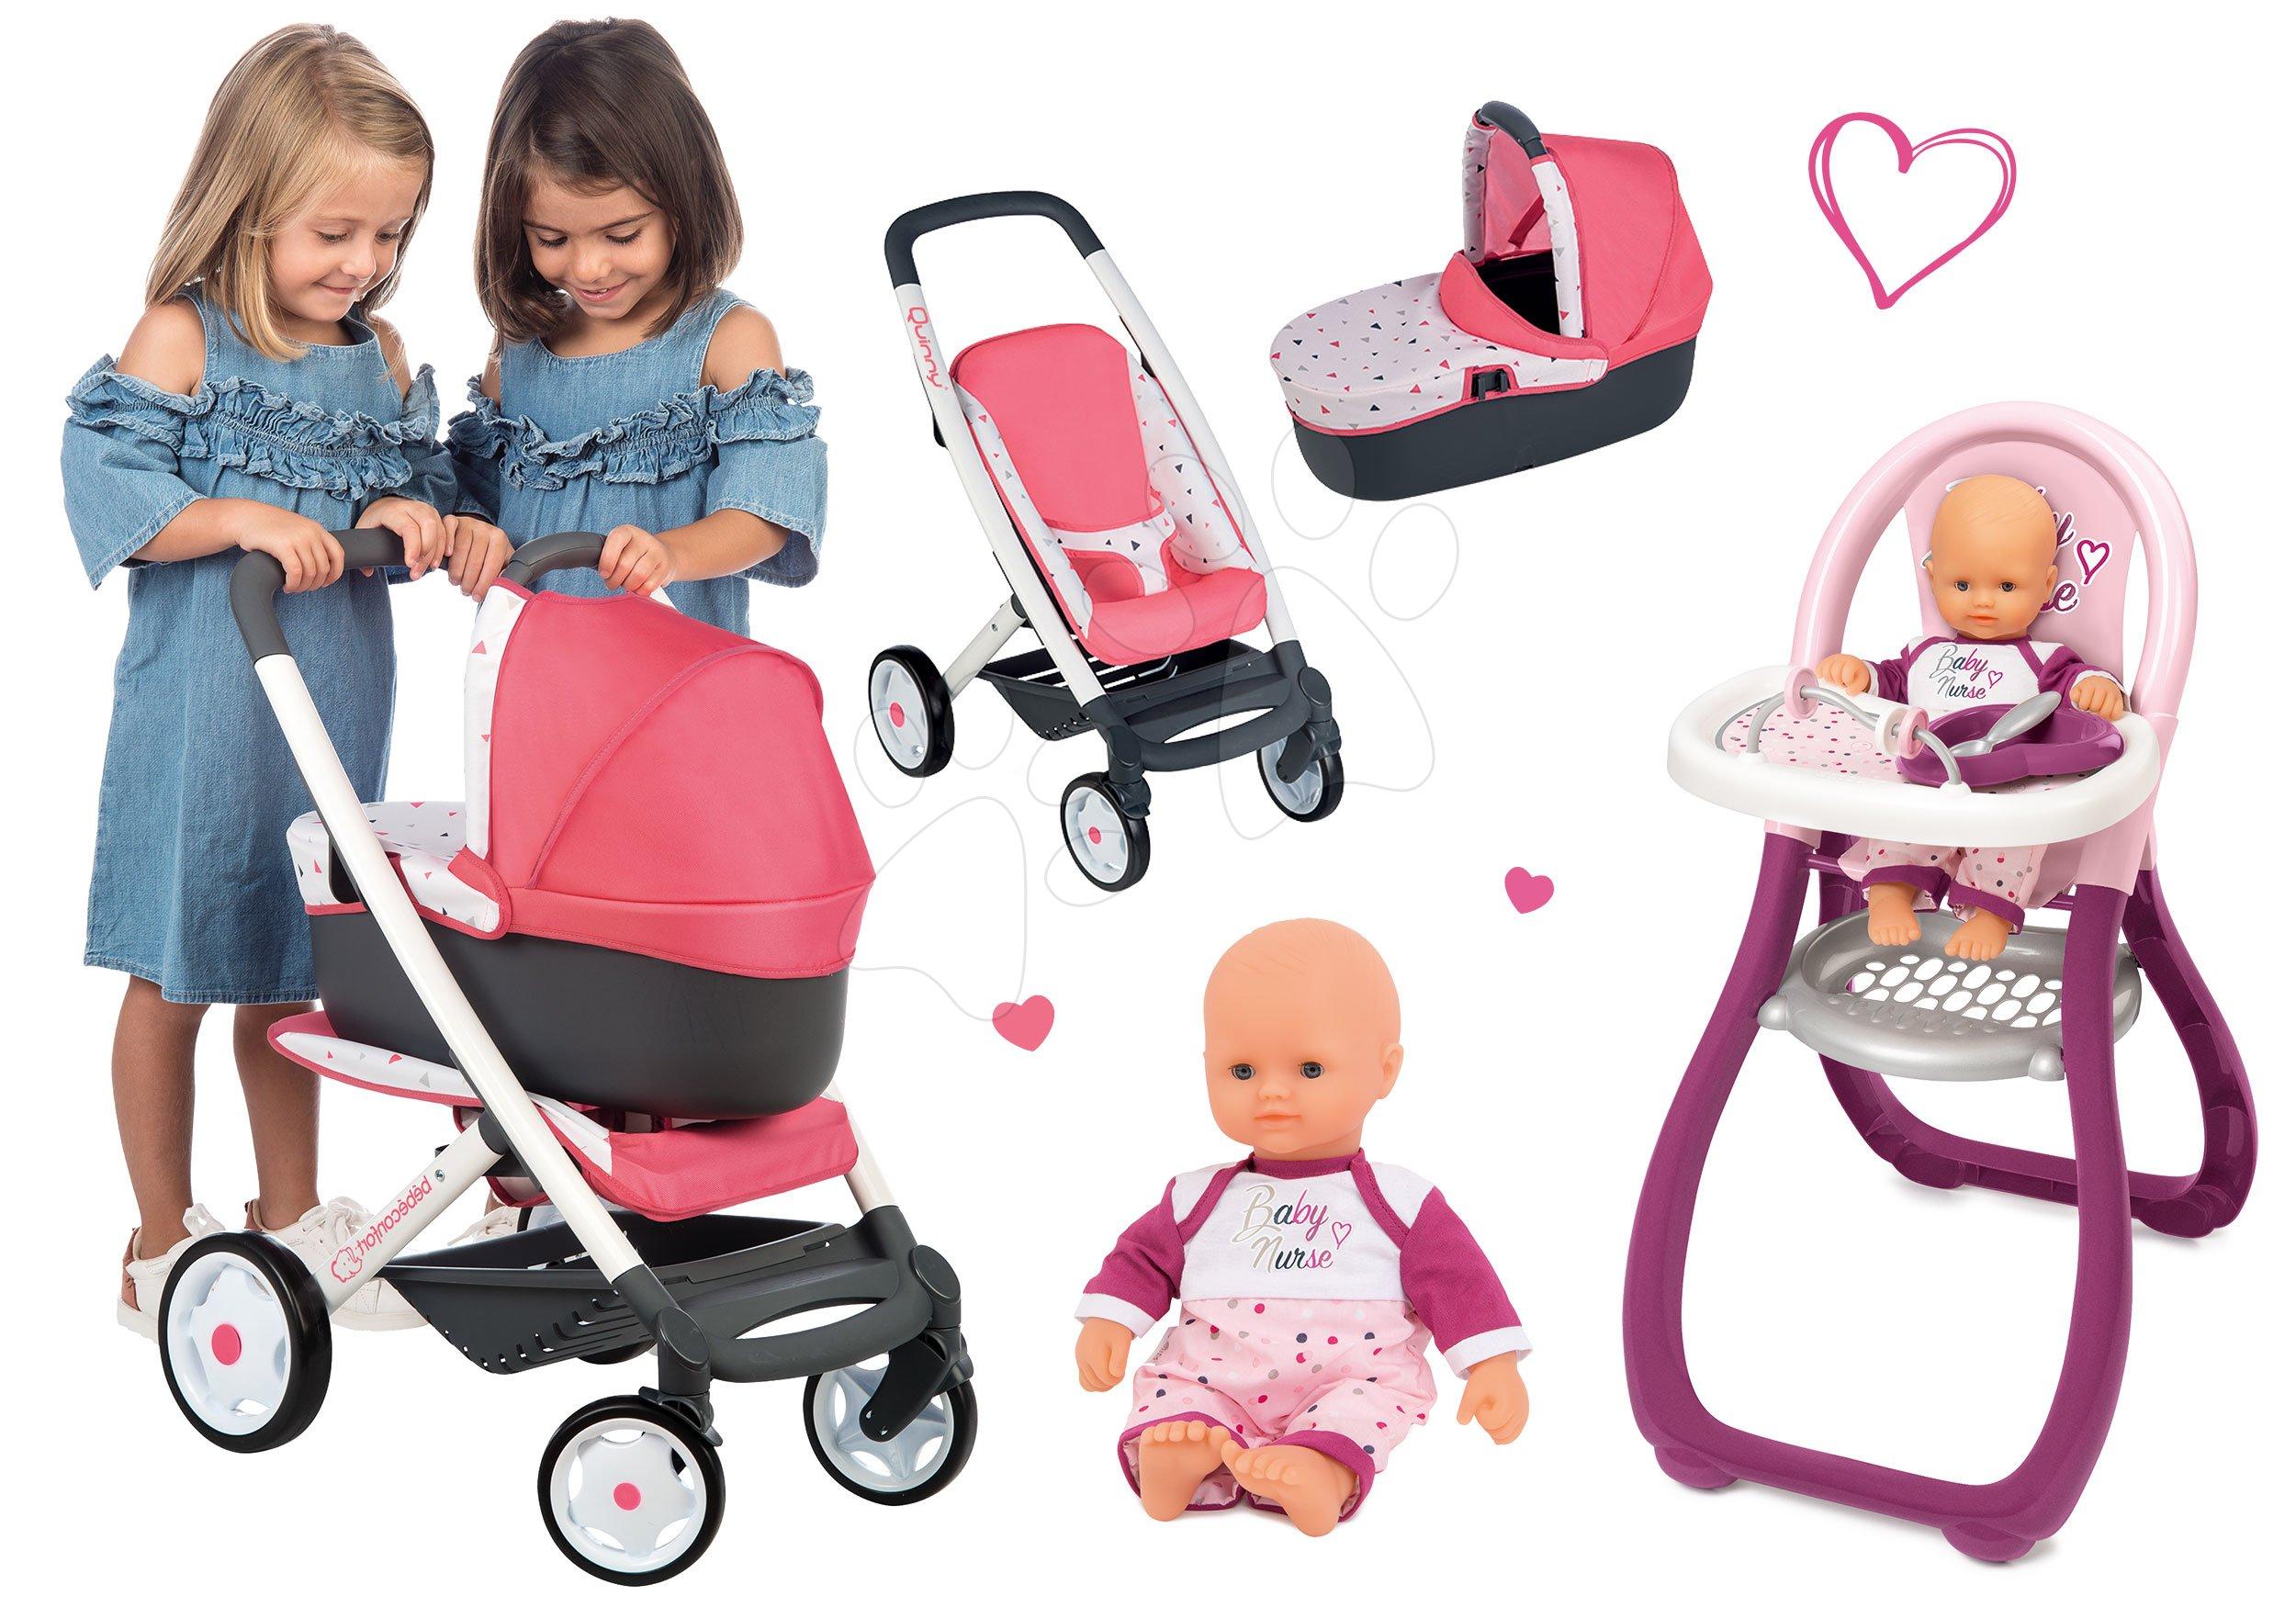 Set kočárek hluboký trojkombinace Trio Pastel Maxi Cosi & Quinny 3v1 Smoby a jídelní židle s panenkou Violette Baby Nurse 32 cm